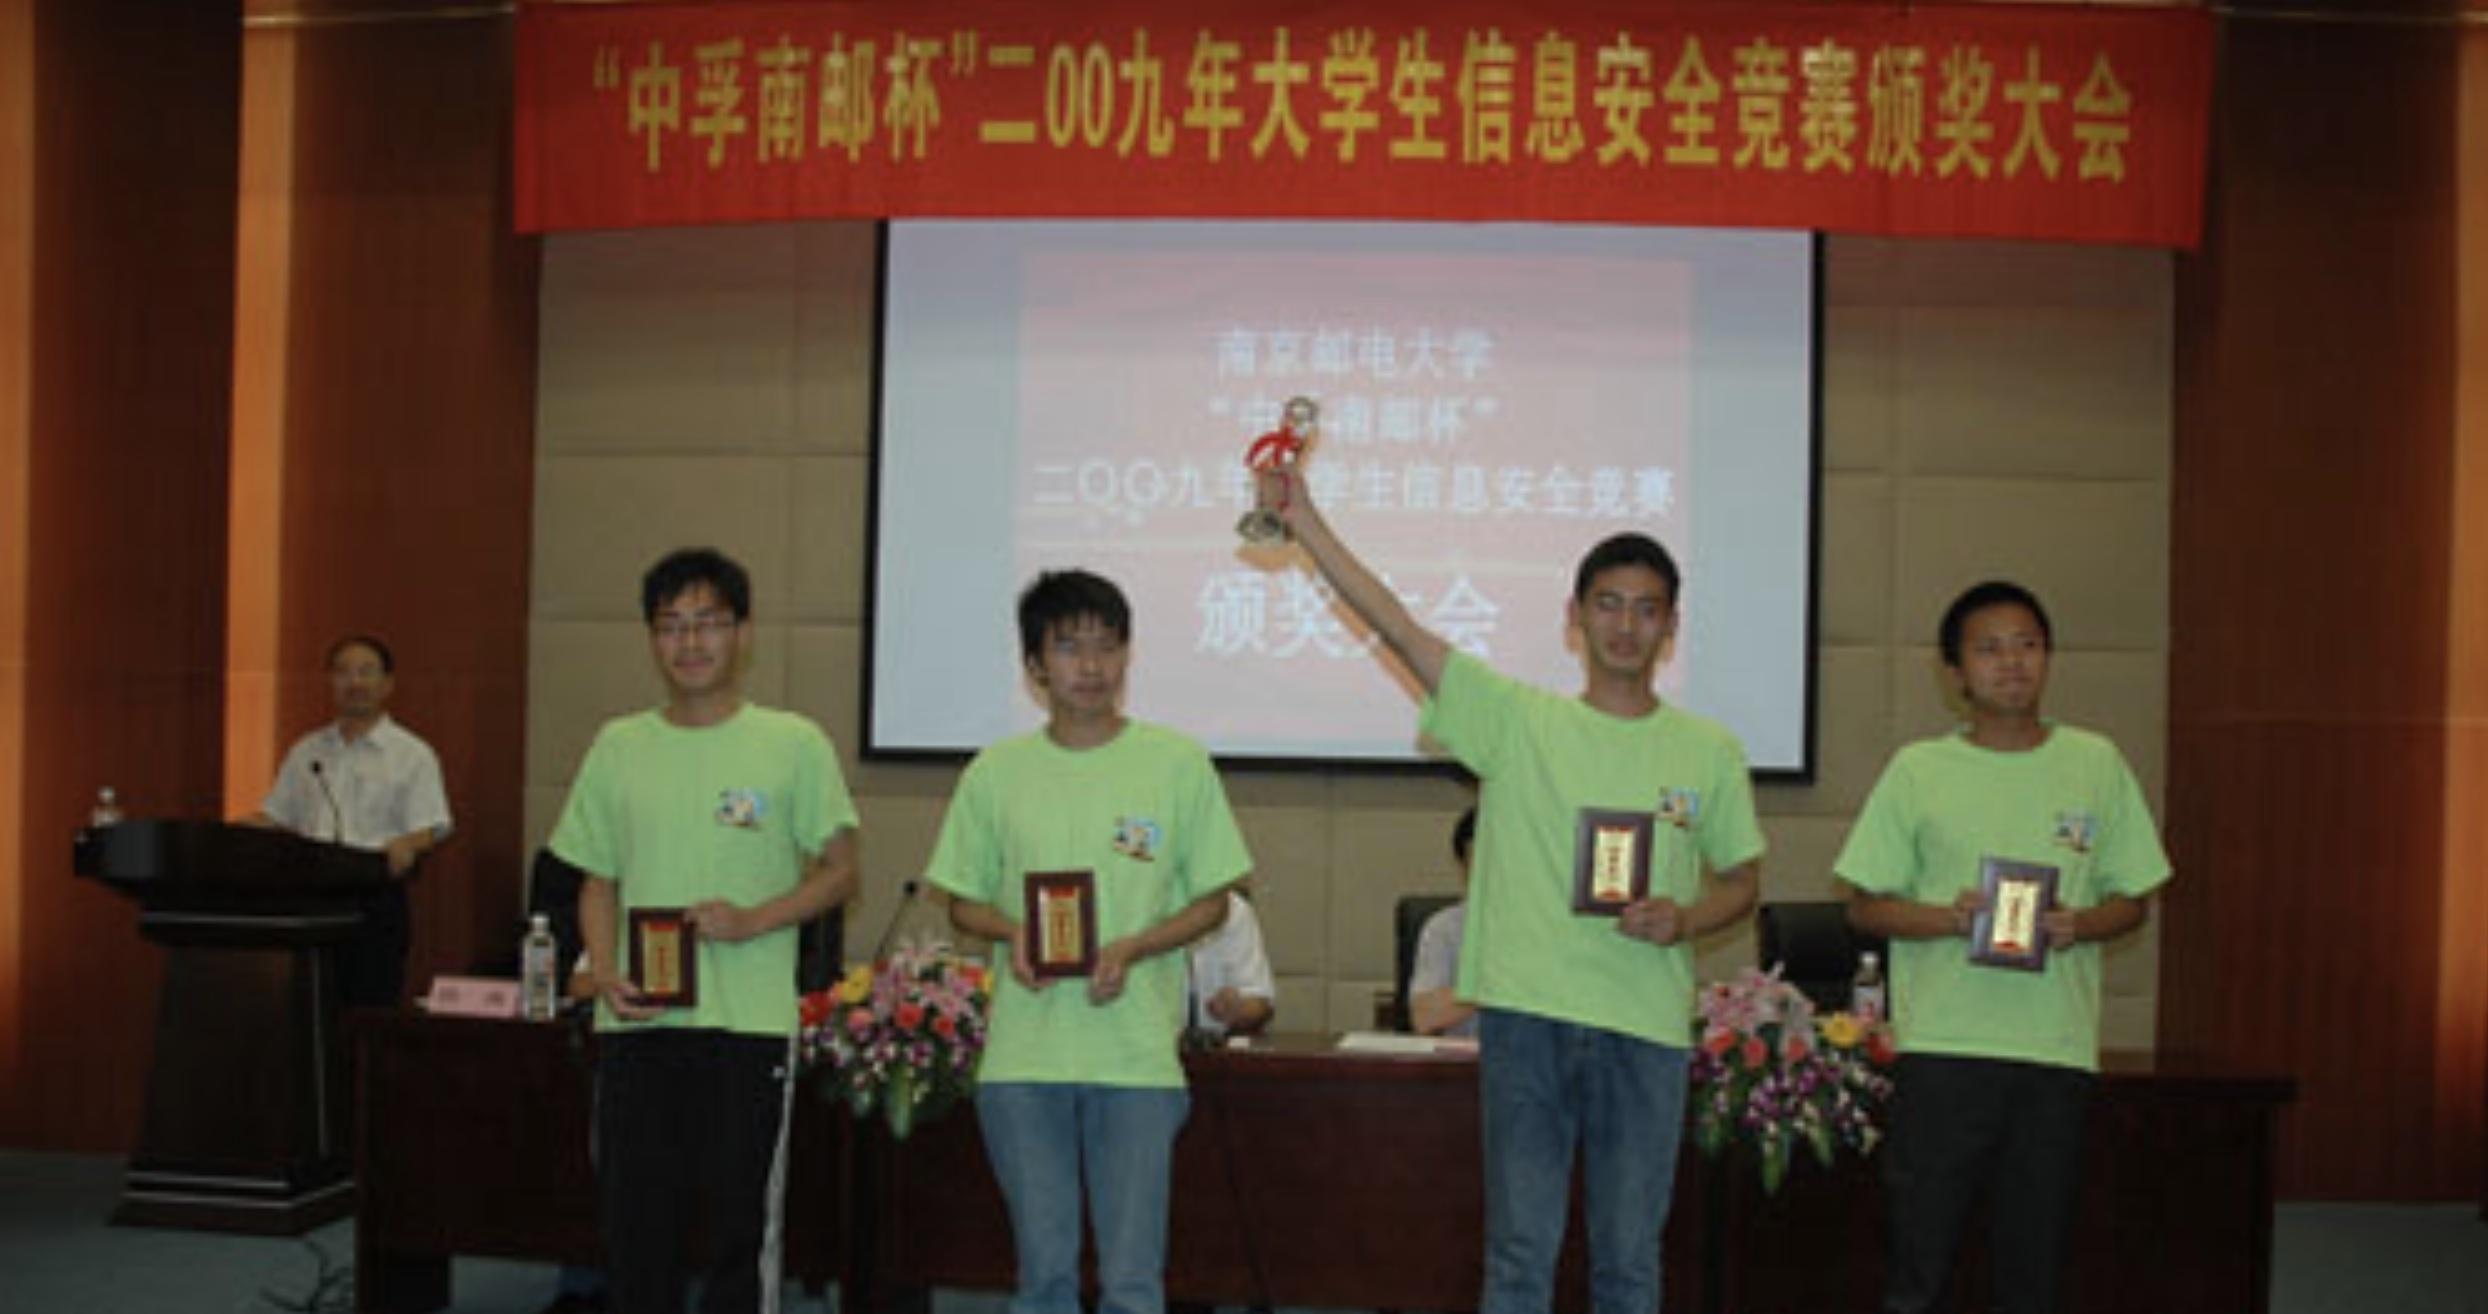 """南京邮电大学""""中孚南邮杯""""2009年大学生信息安全竞赛圆满结束"""